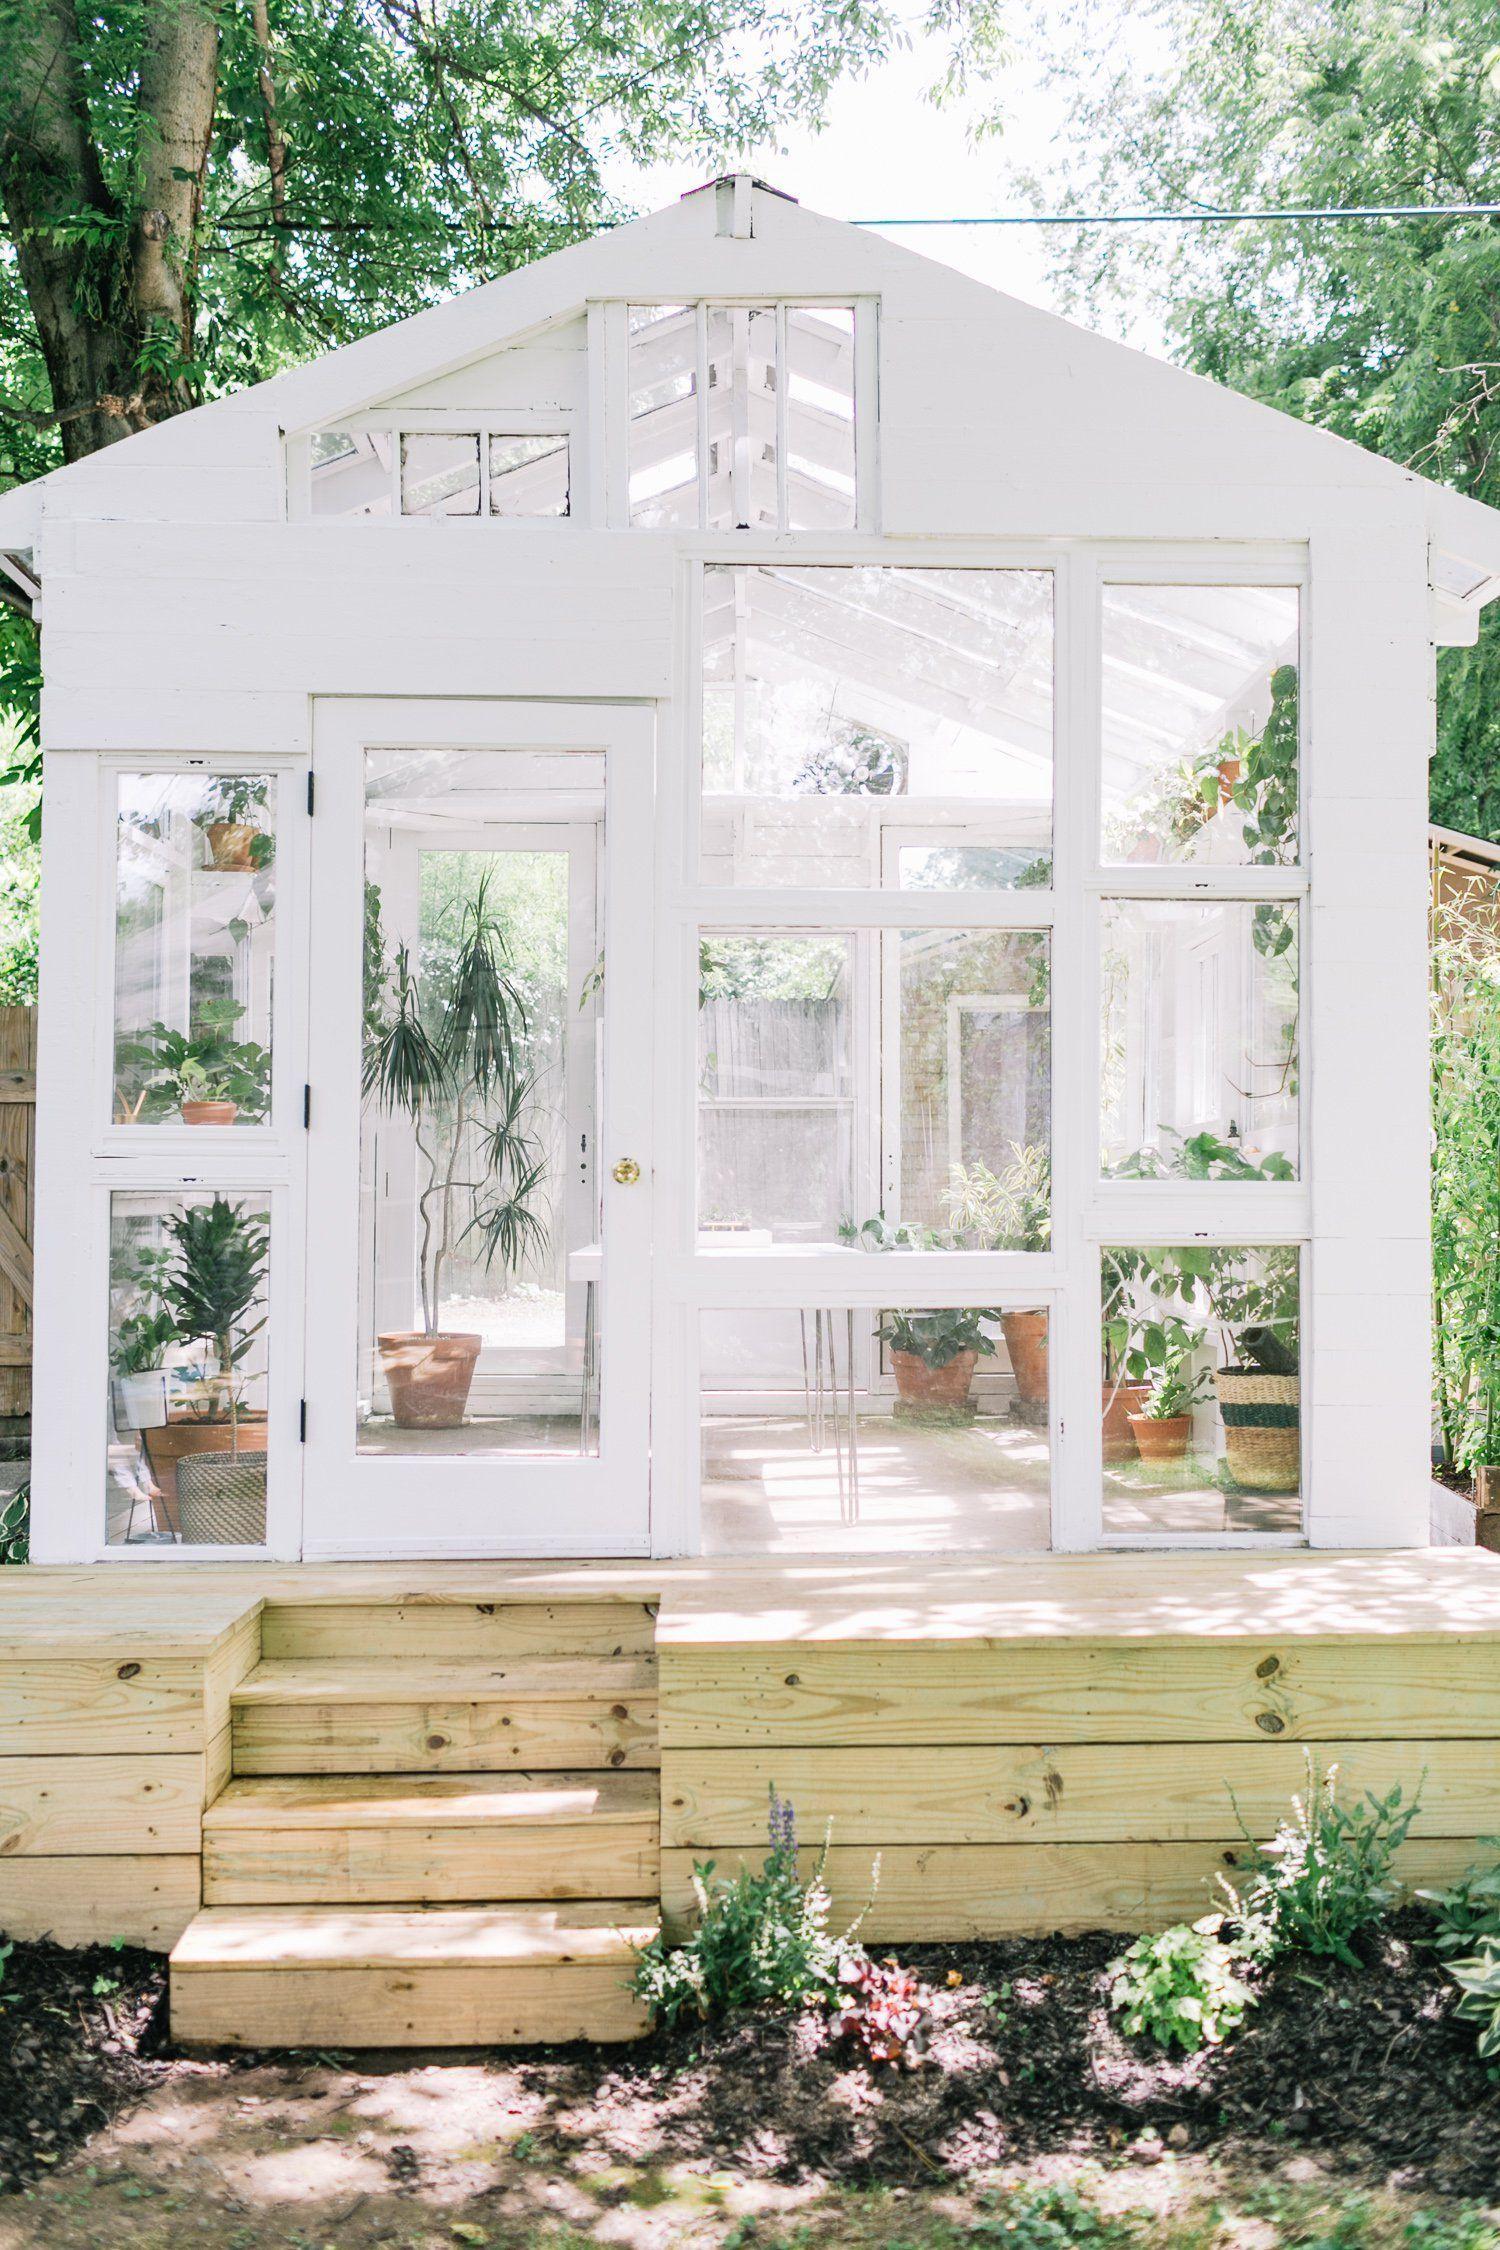 Ý tưởng dựng nhà kính trồng rau trong vườn, vừa có rau ăn vừa trang trí vườn đẹp như cổ tích - Ảnh 2.